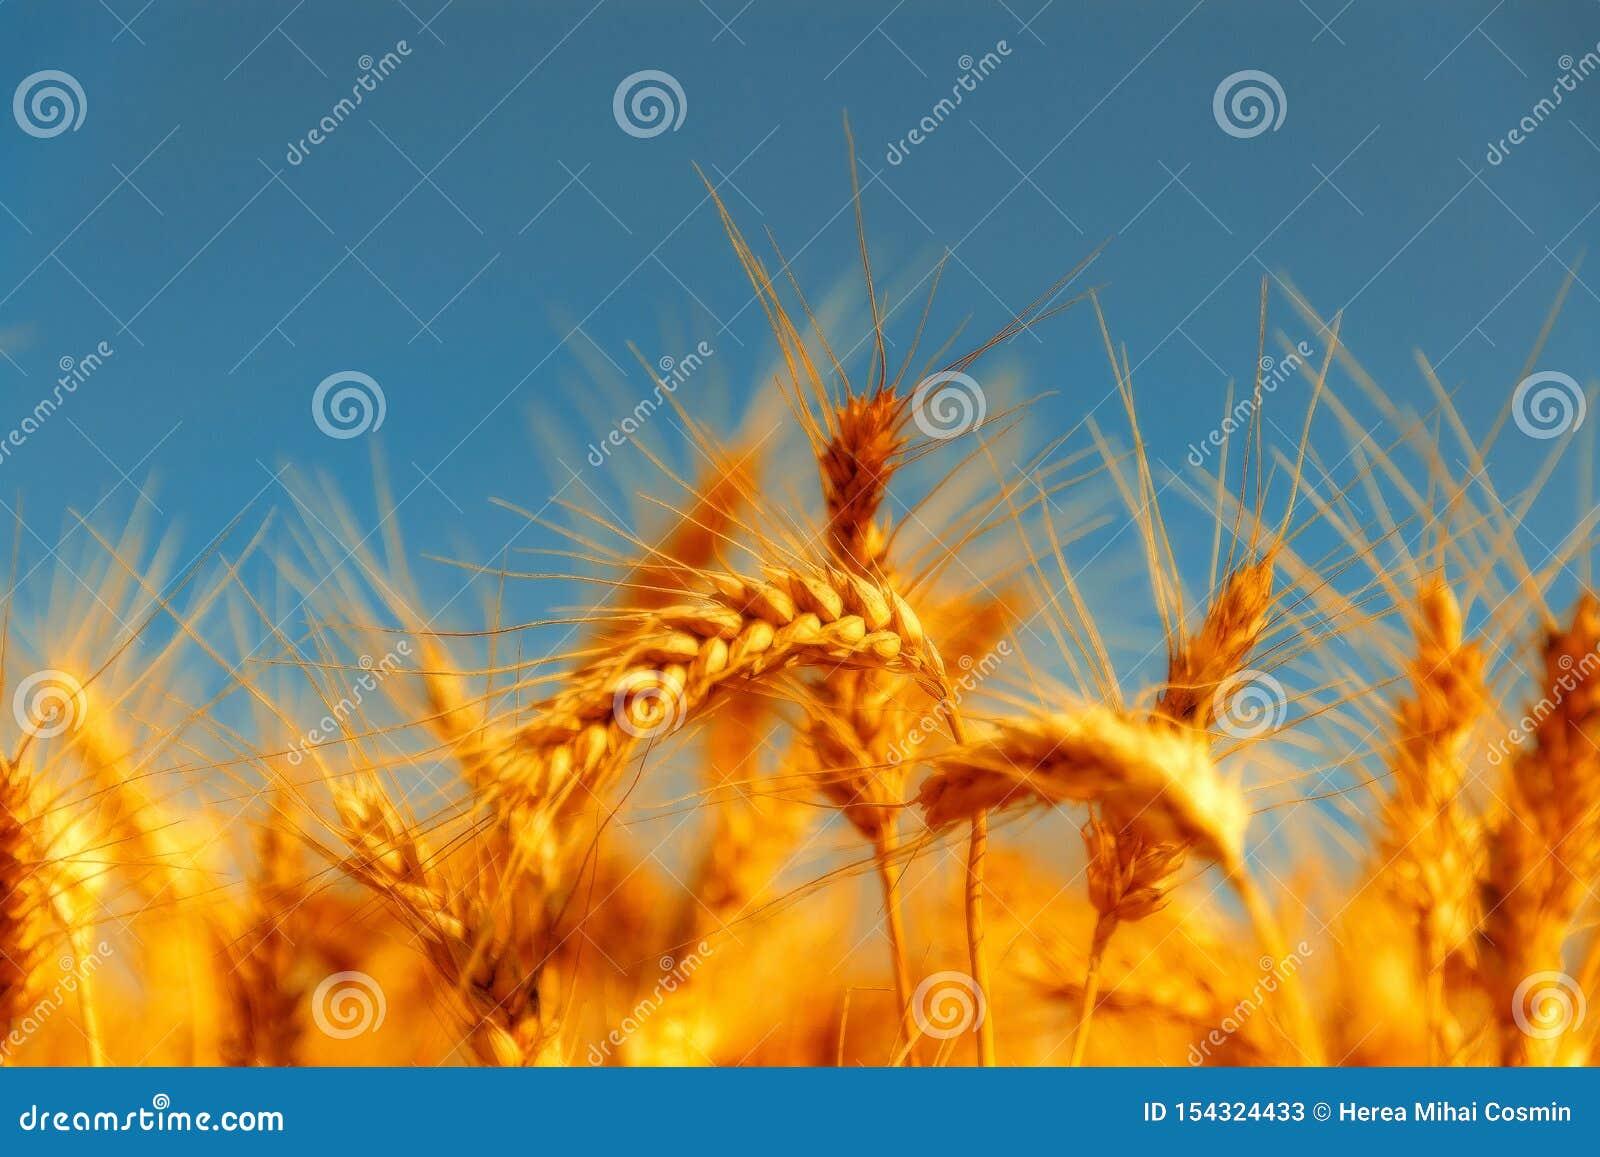 金黄麦田和好日子